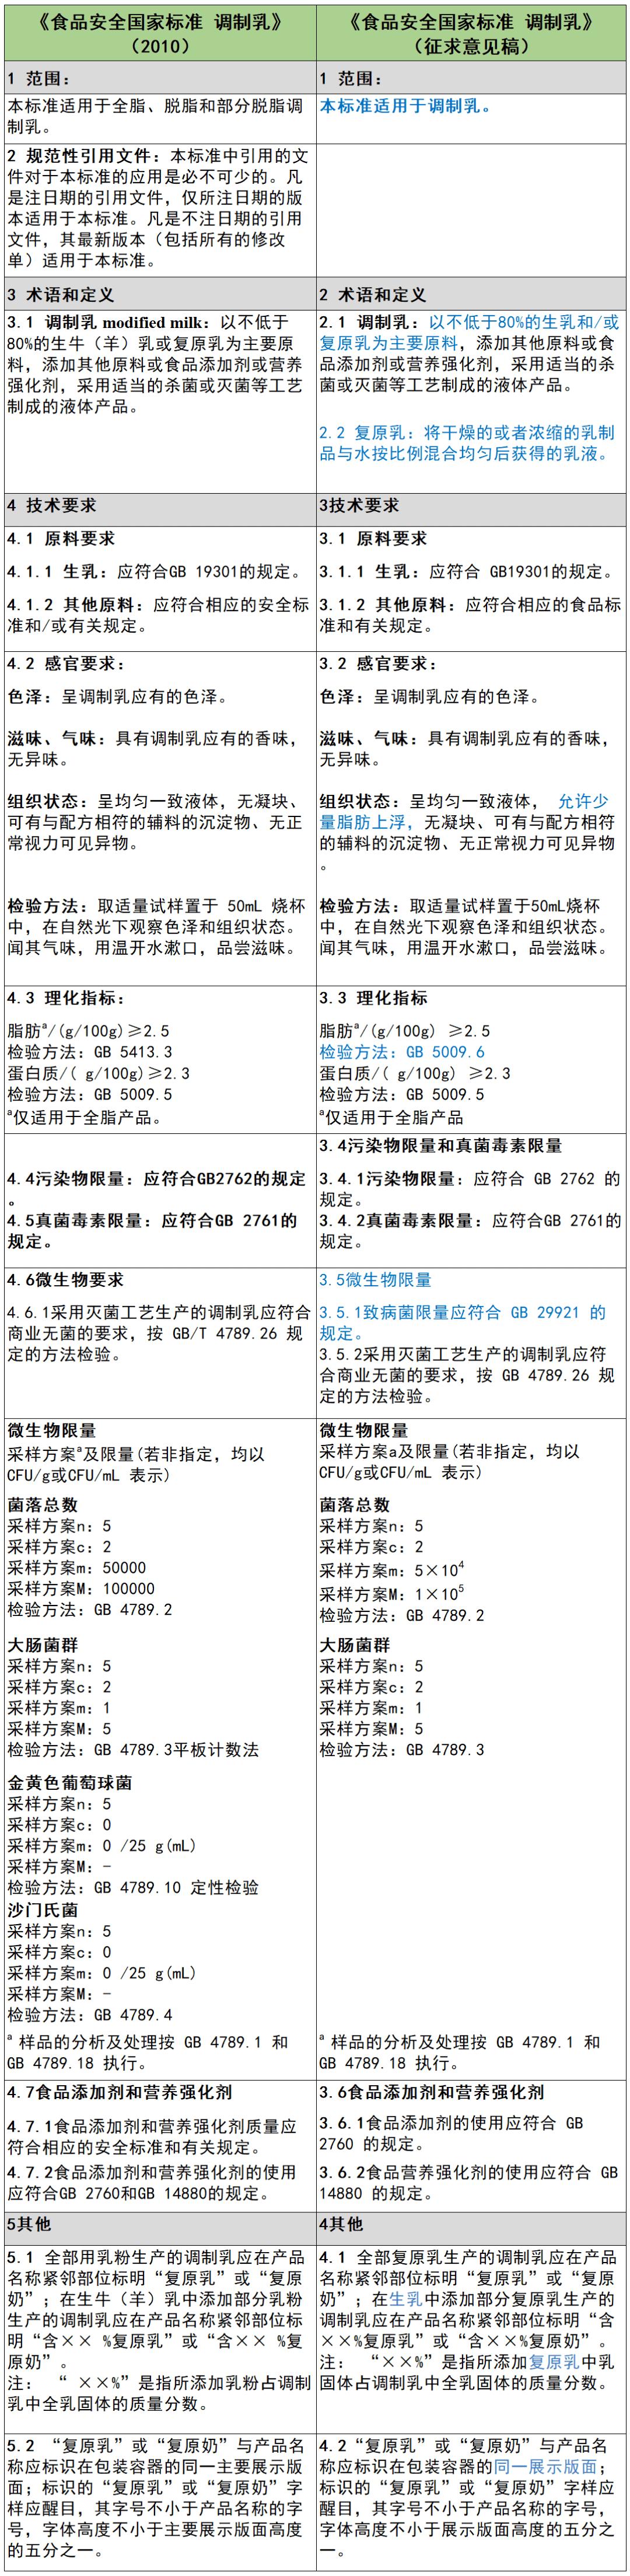 """""""亚博买球"""" 发酵乳、调制乳 国家尺度将有哪些变化?(图2)"""